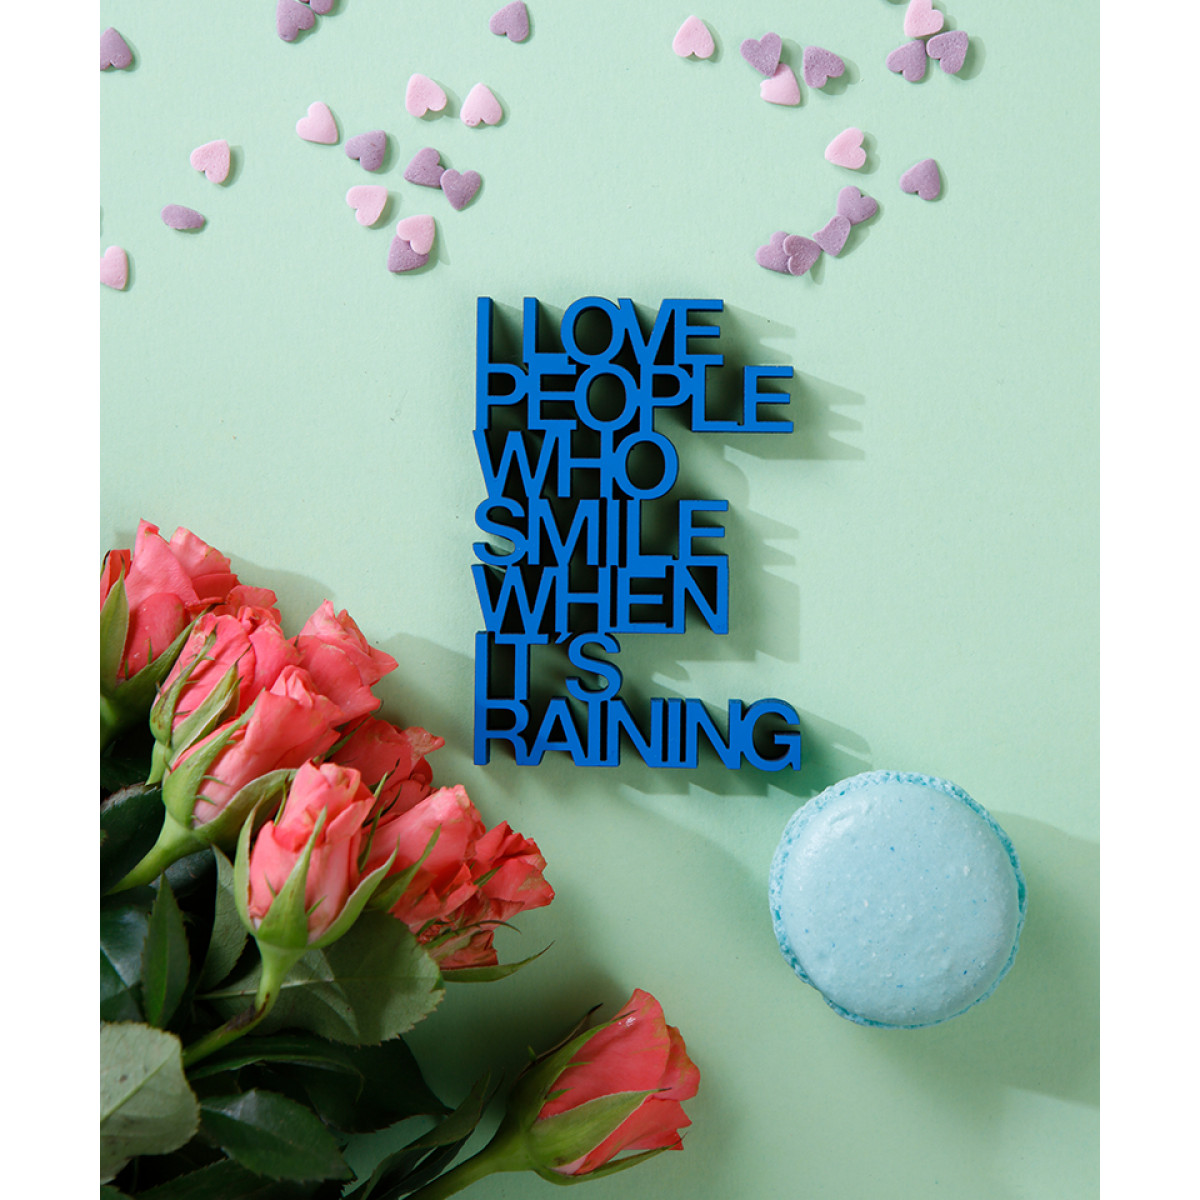 imagini cu mesaje despre ploaie